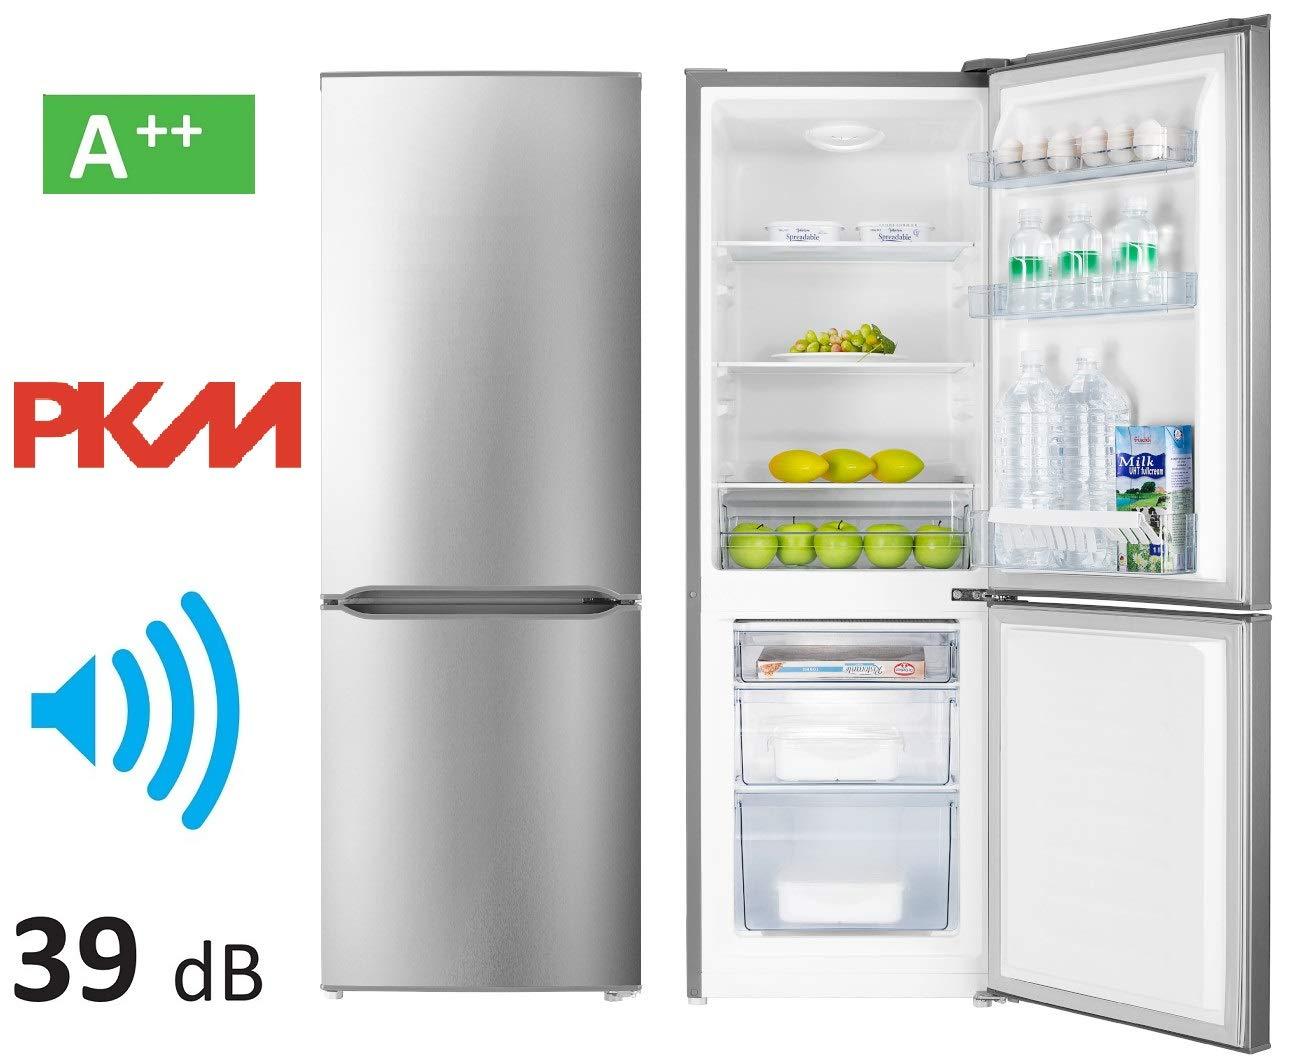 Combinación de frigorífico y congelador PKM KG 230,4 A++, acero ...